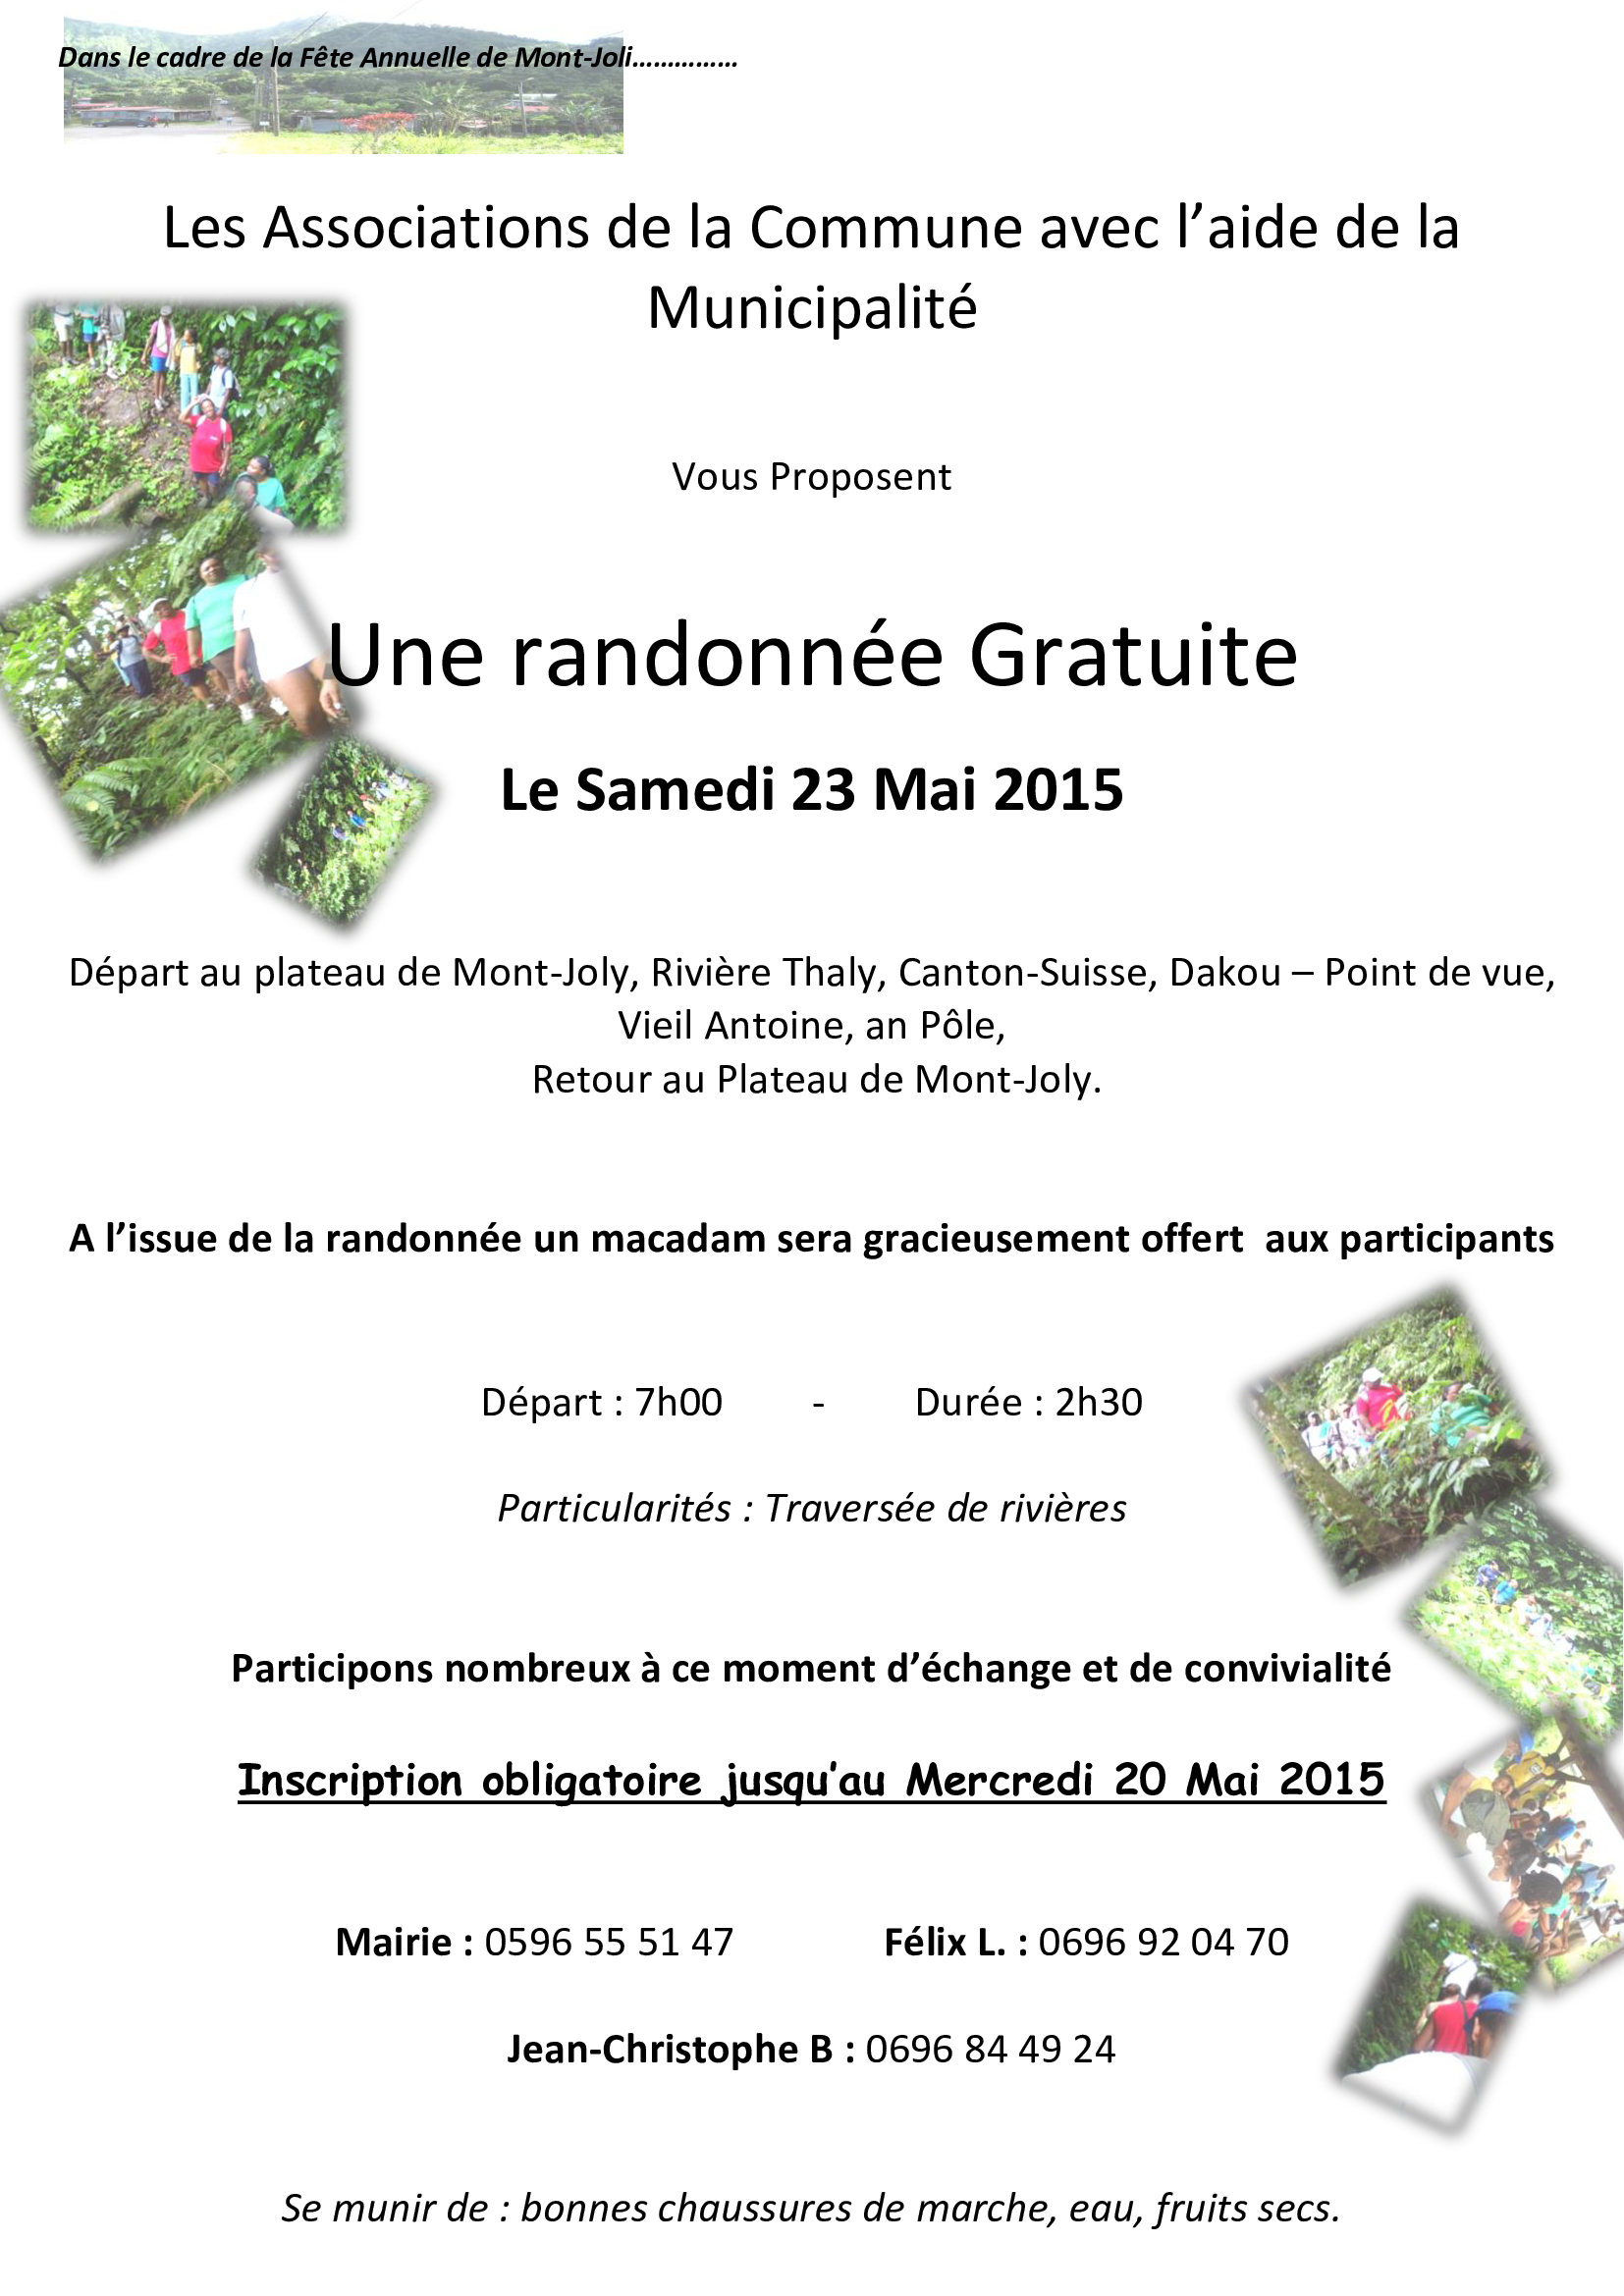 RANDONNE_GRATUITE_FETE_DE_MONT-JOLI_2015